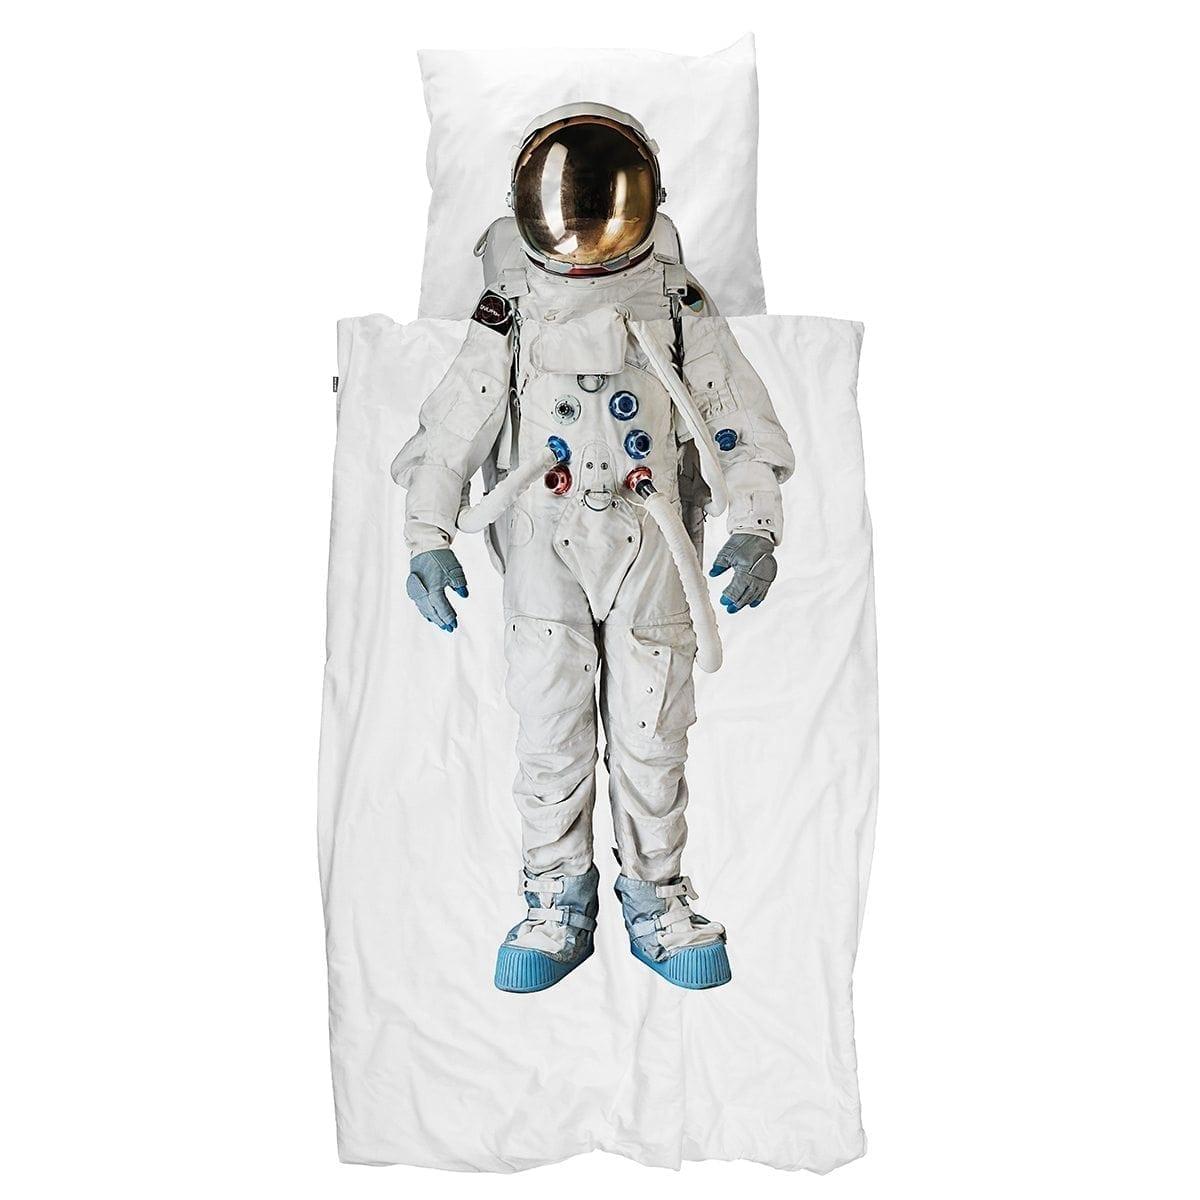 Astronaut Quilt Cover Set